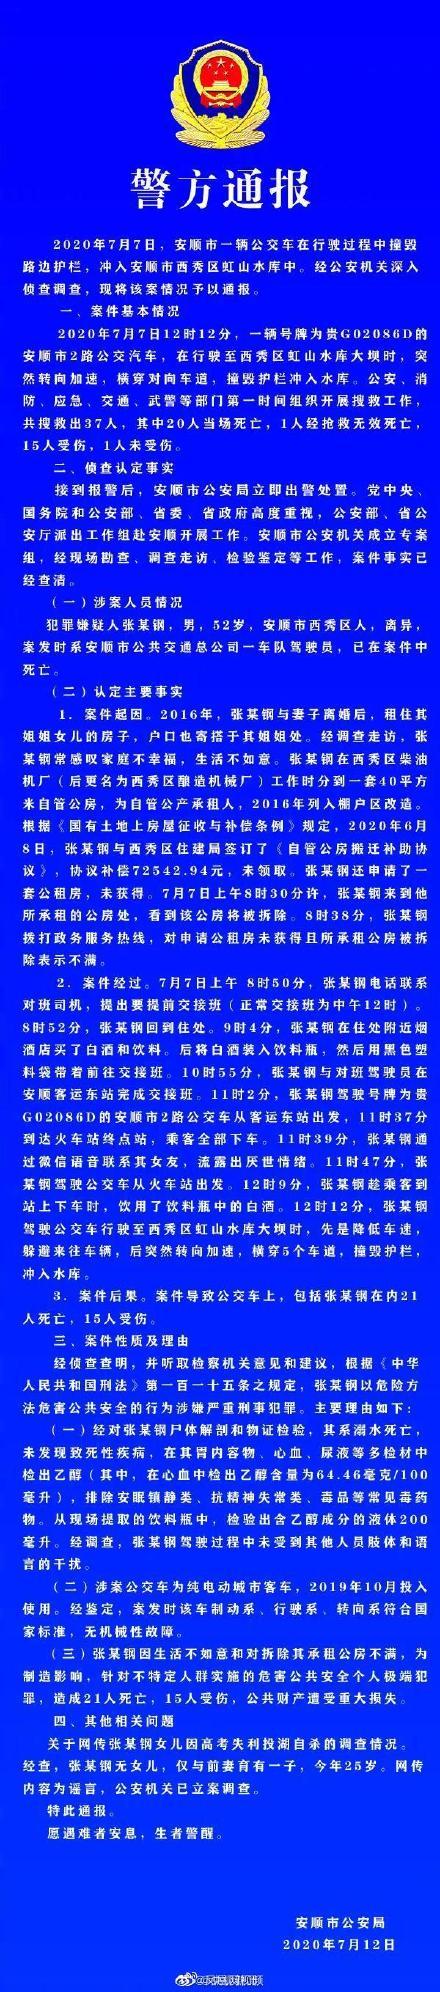 安顺公交坠湖司机尸检结果公开 总结教训防止